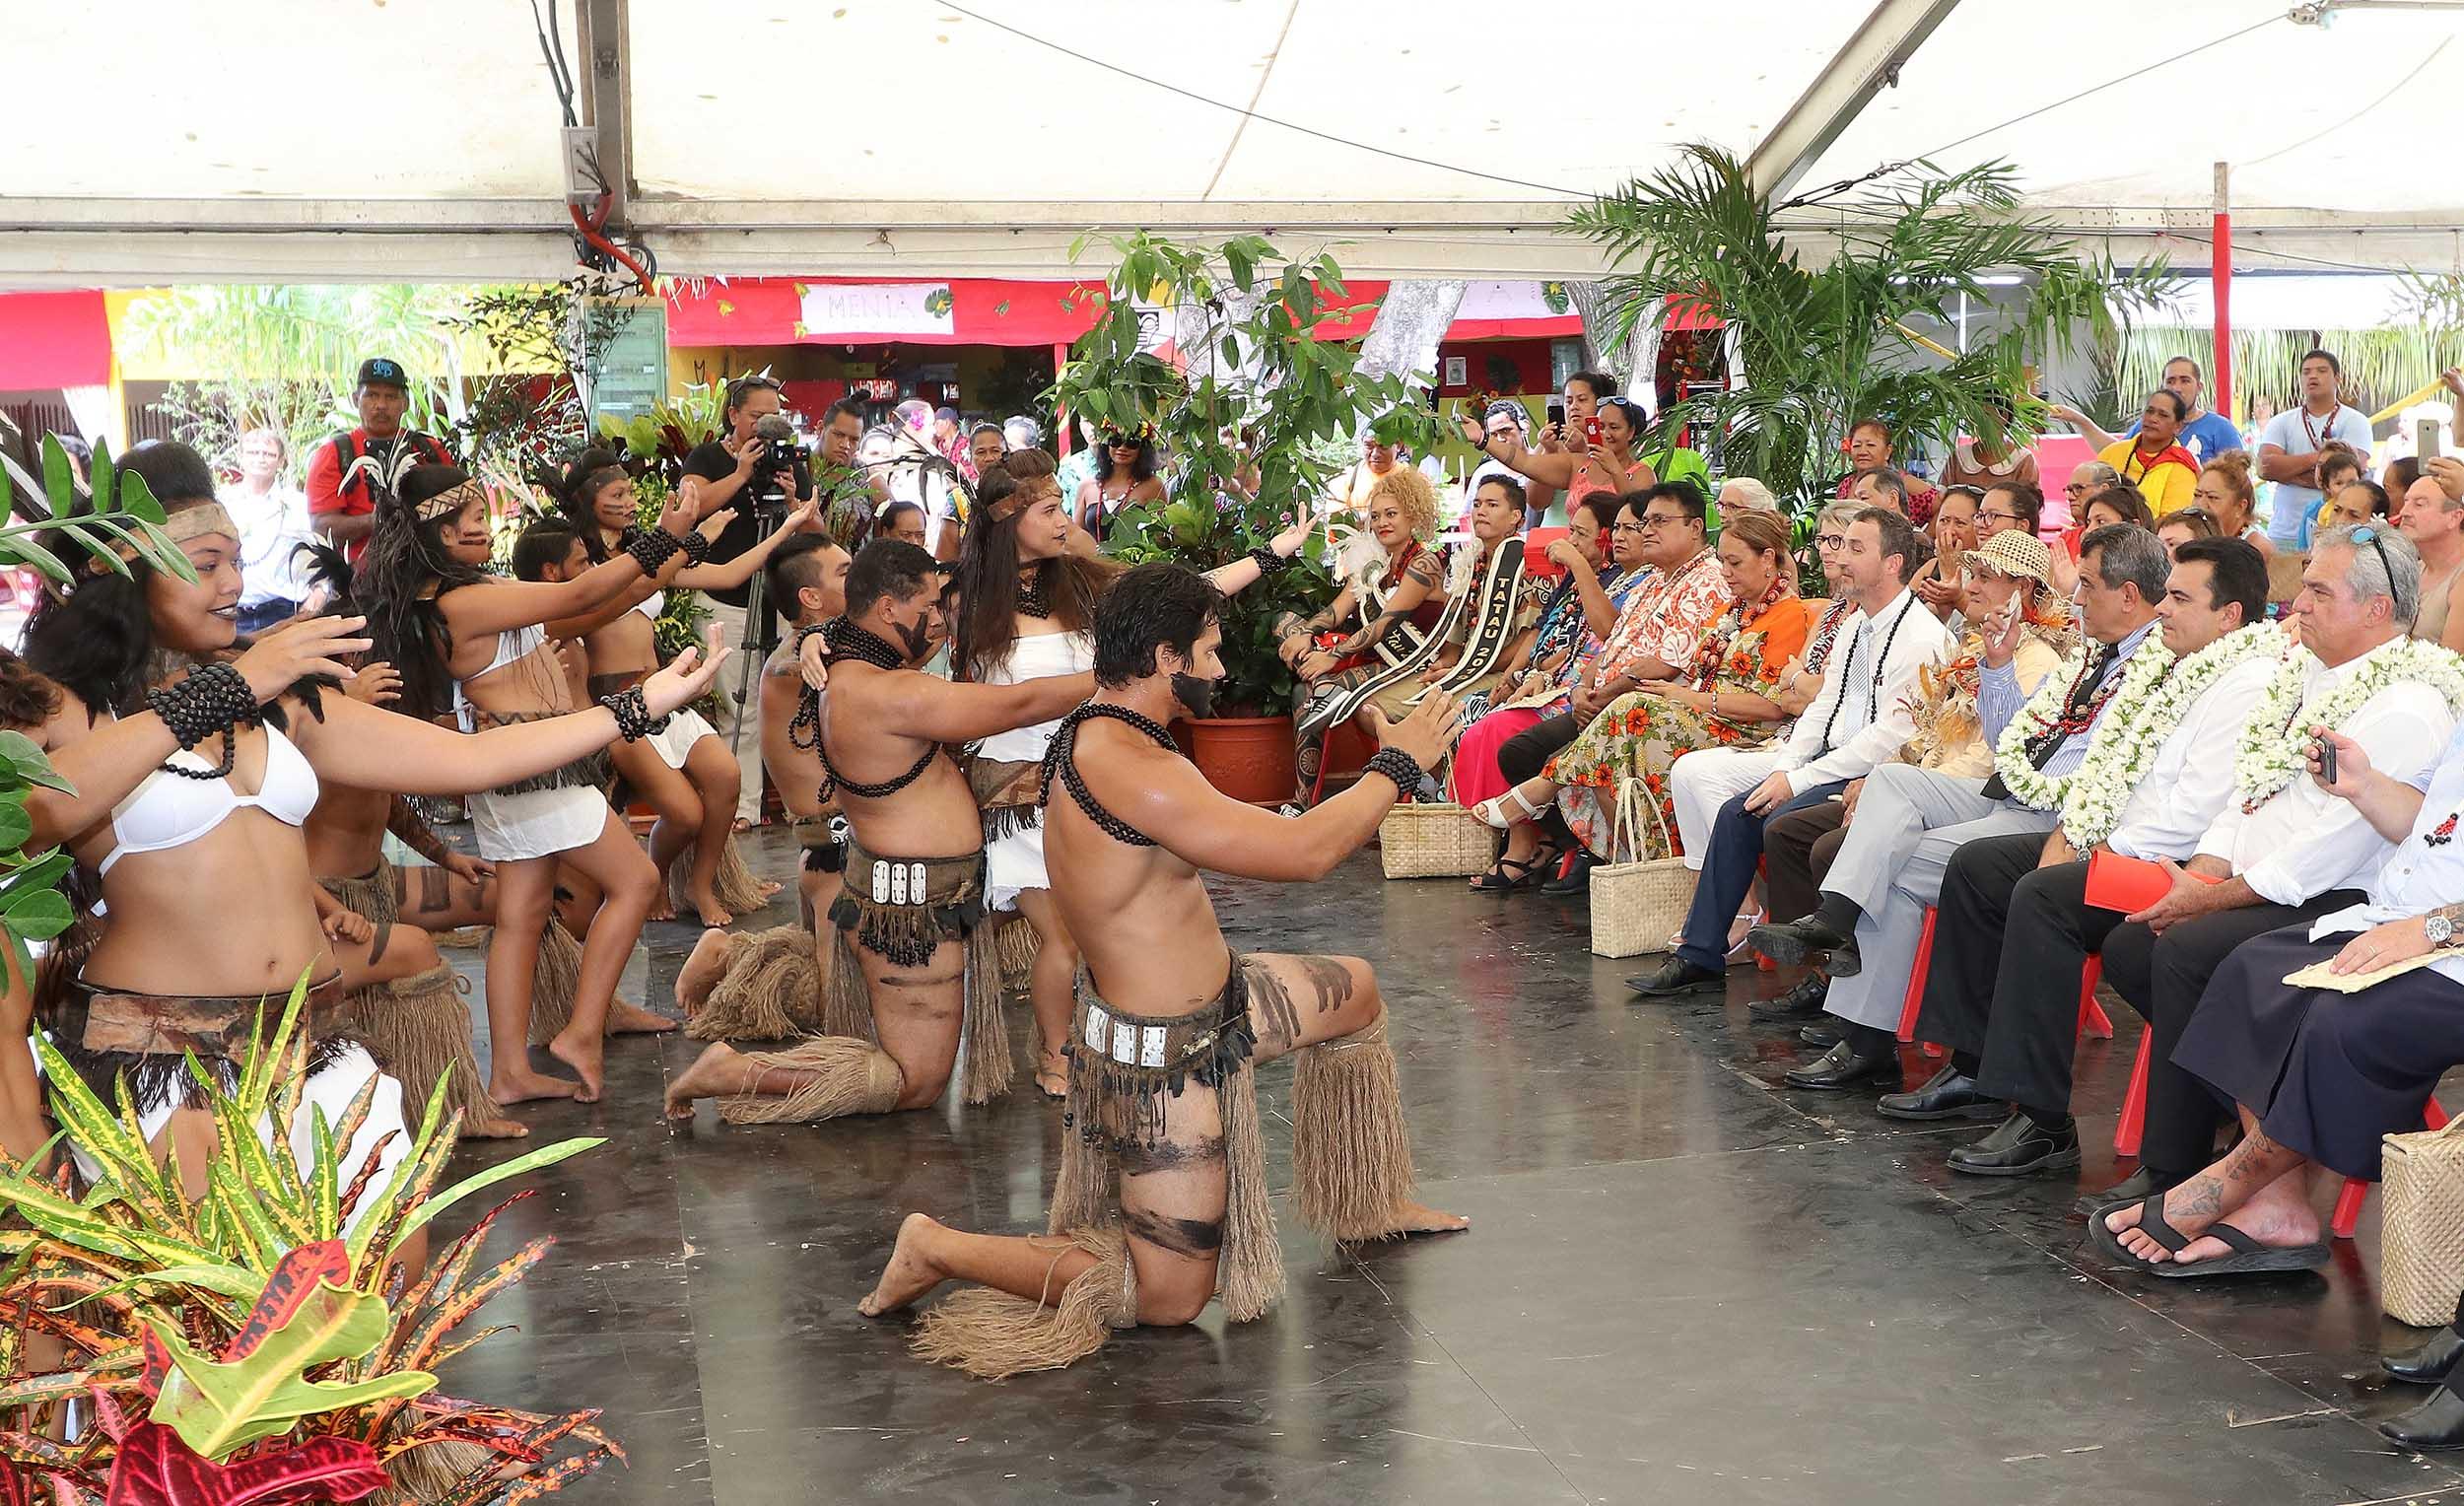 Le 49e Salon des marquises a ouvert ses portes mercredi au parc expo de Mama'o.